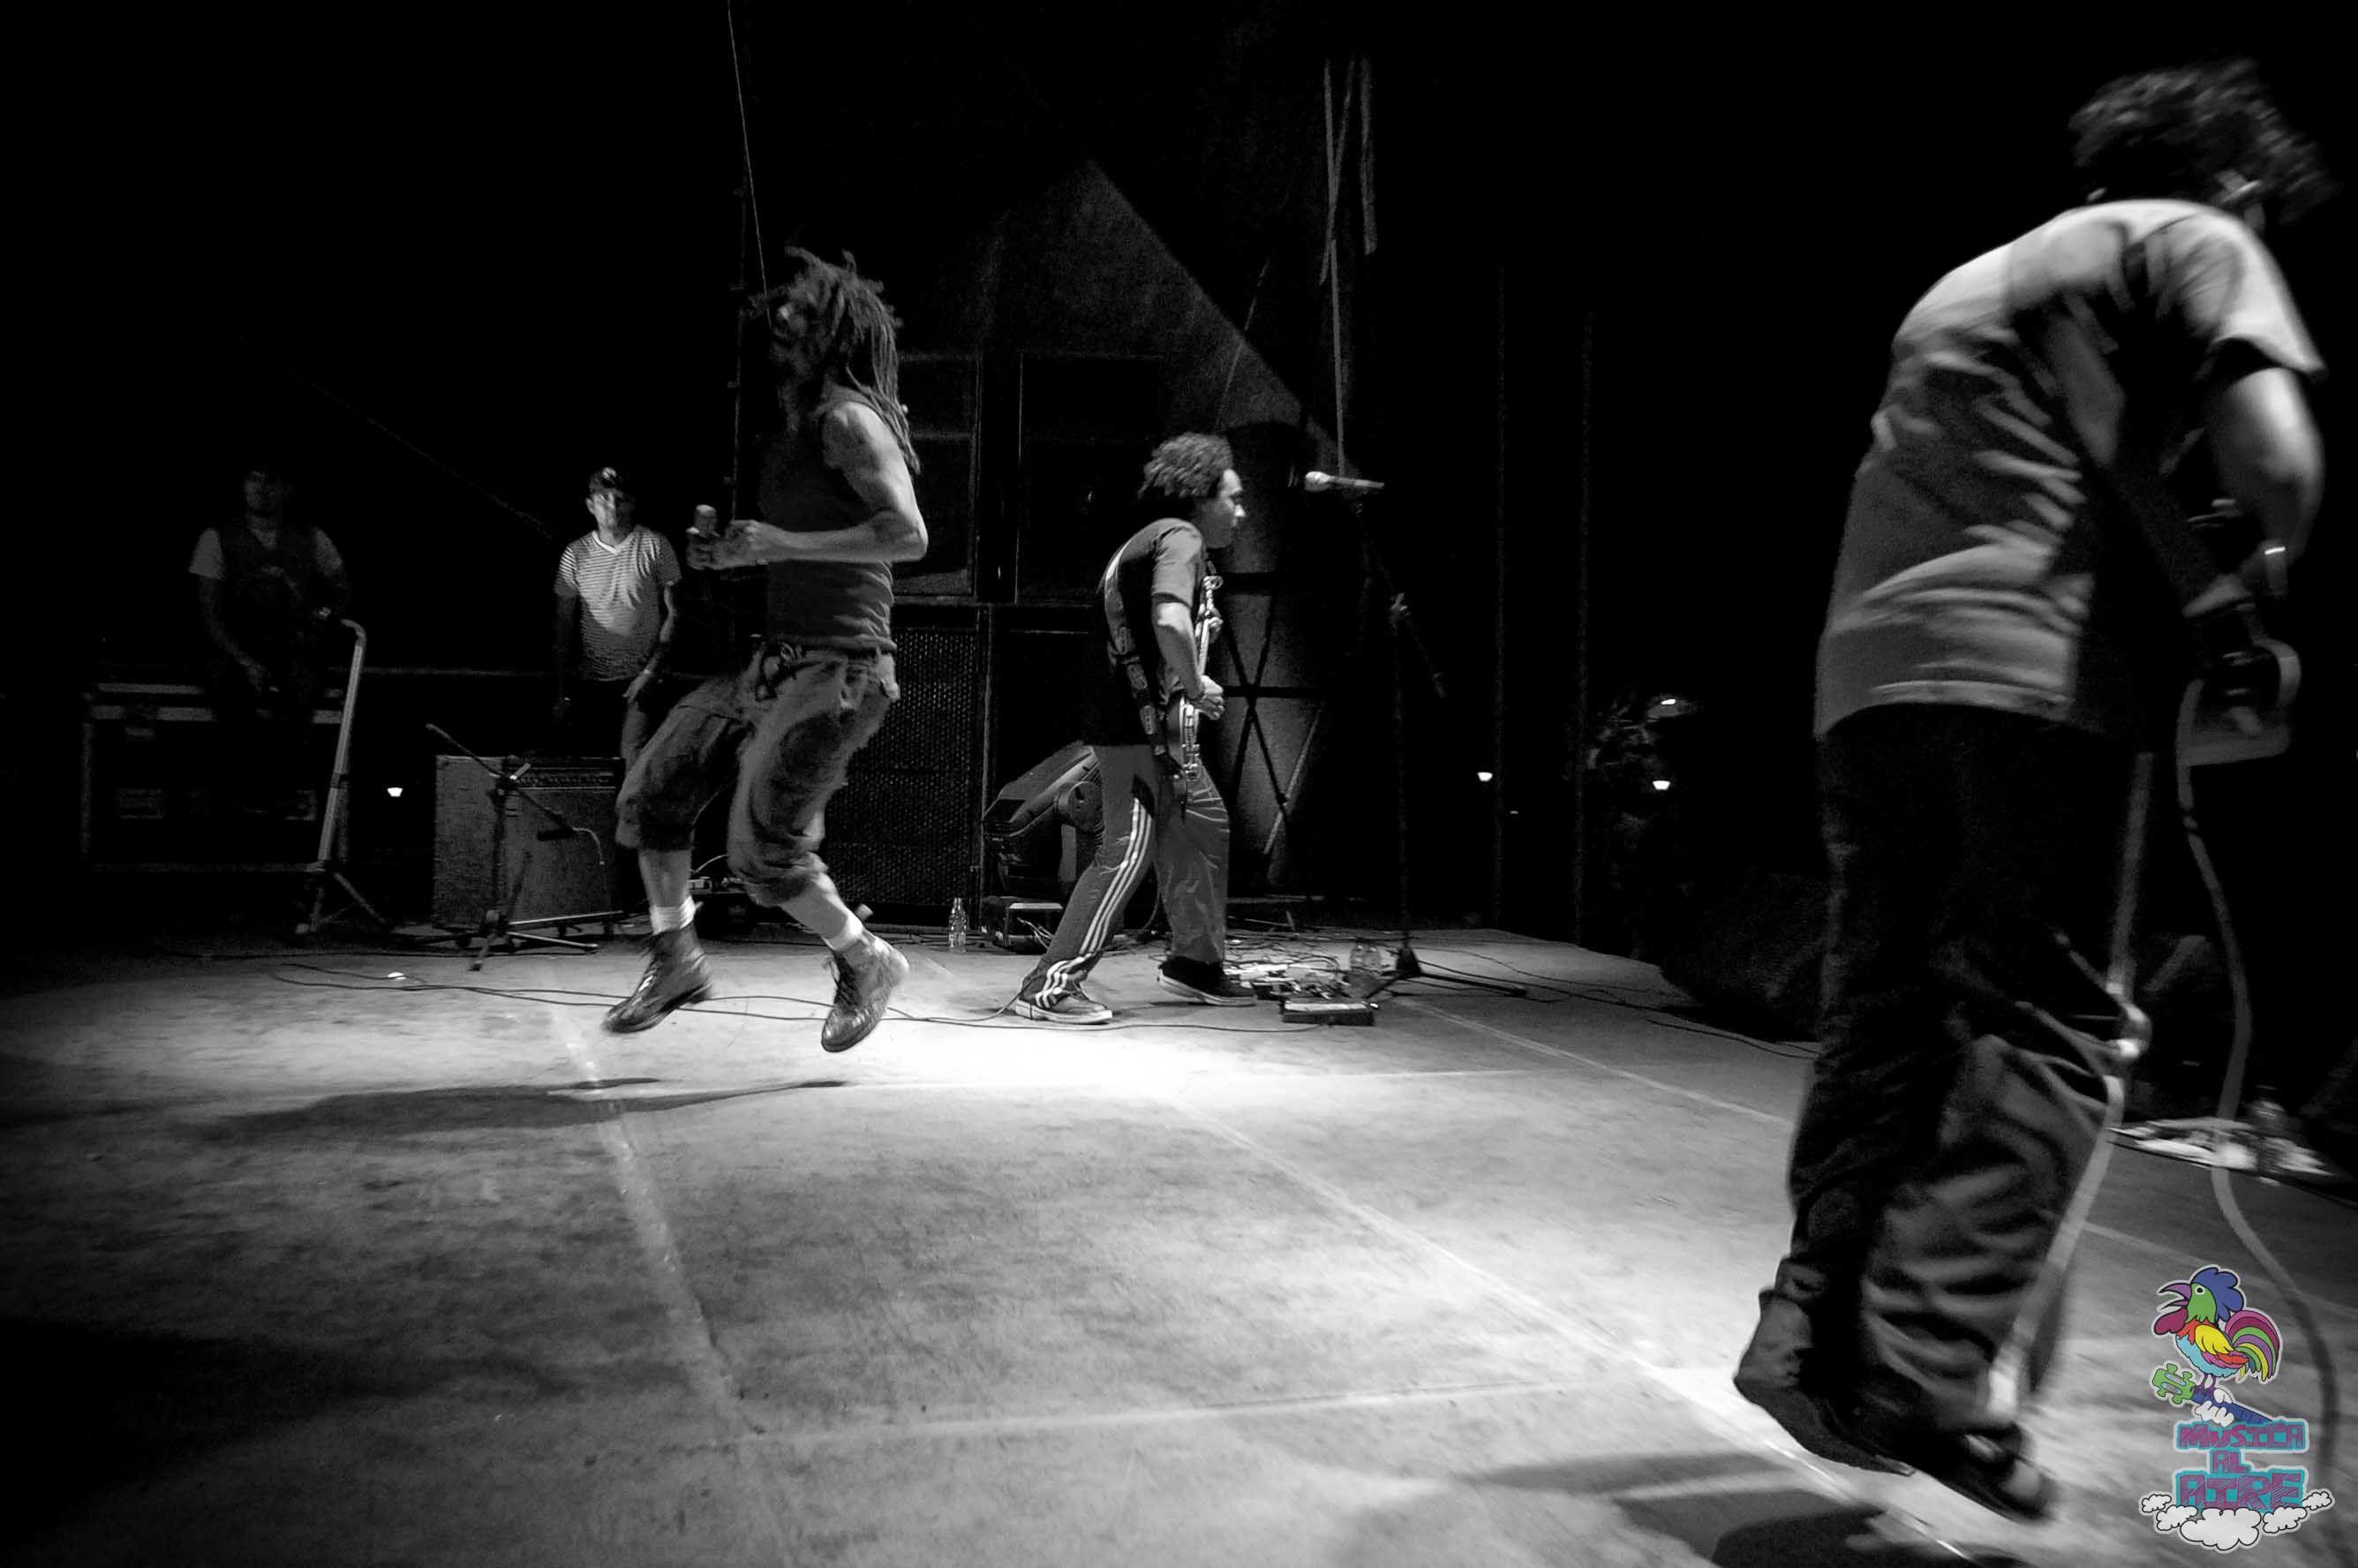 La Gente en #Músicalaire 2012 #SanFelipe